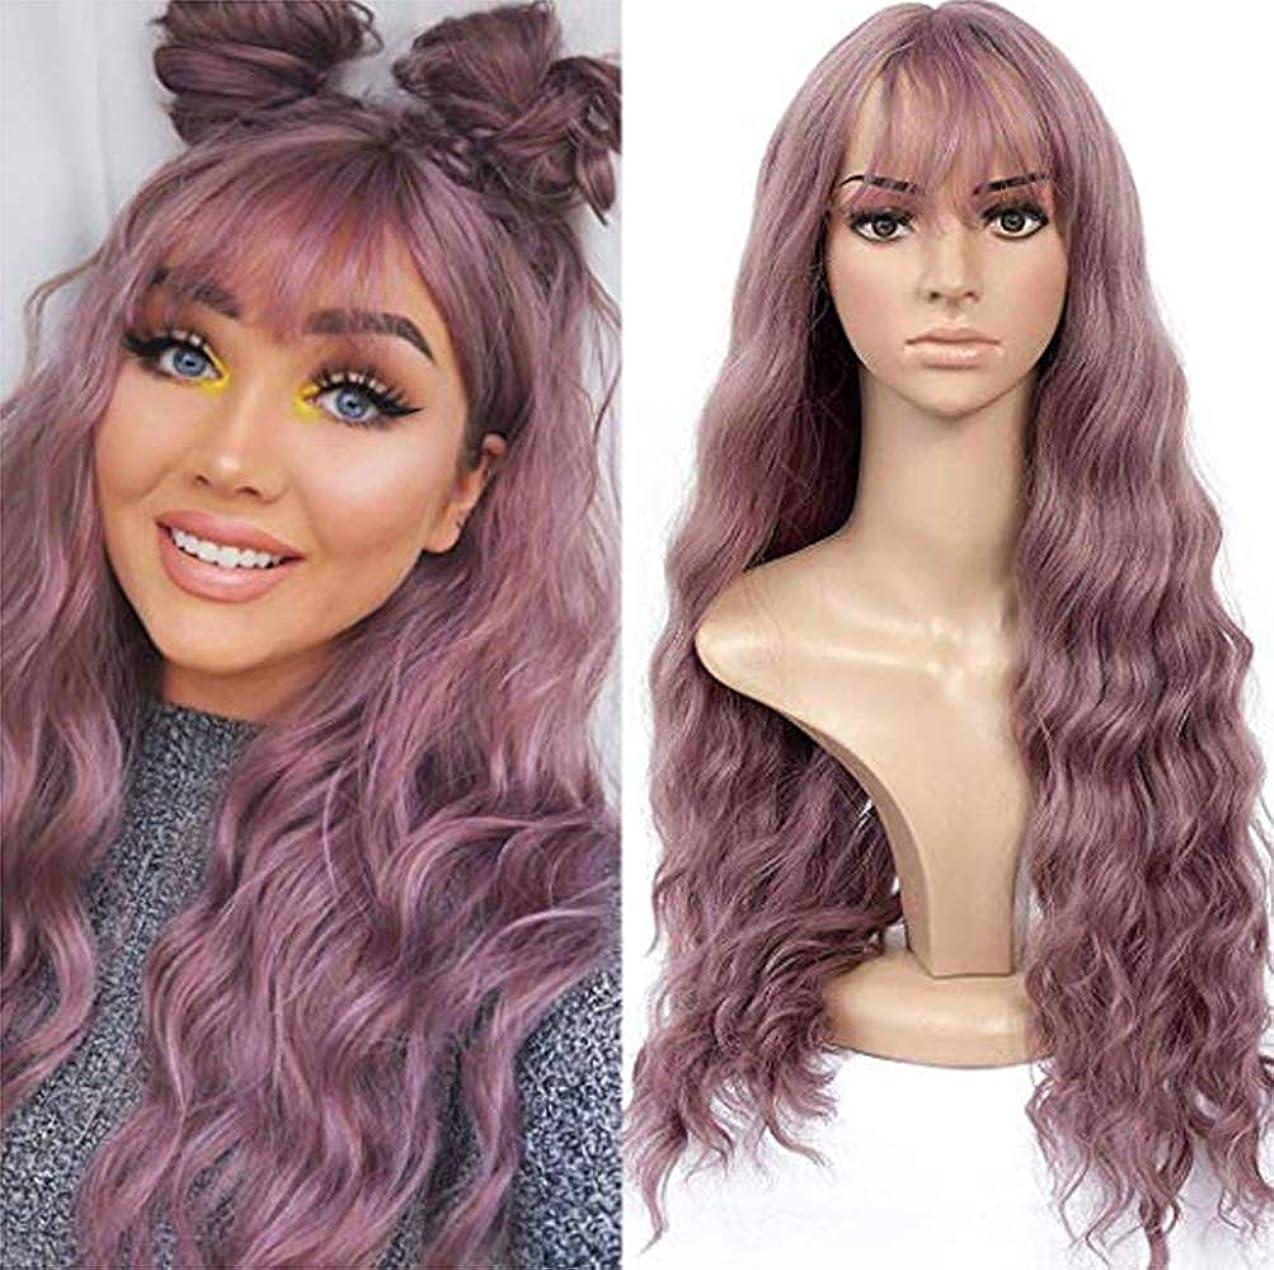 女性かつら実体波150%密度ブラジル毛ウィッグパープル65 cm